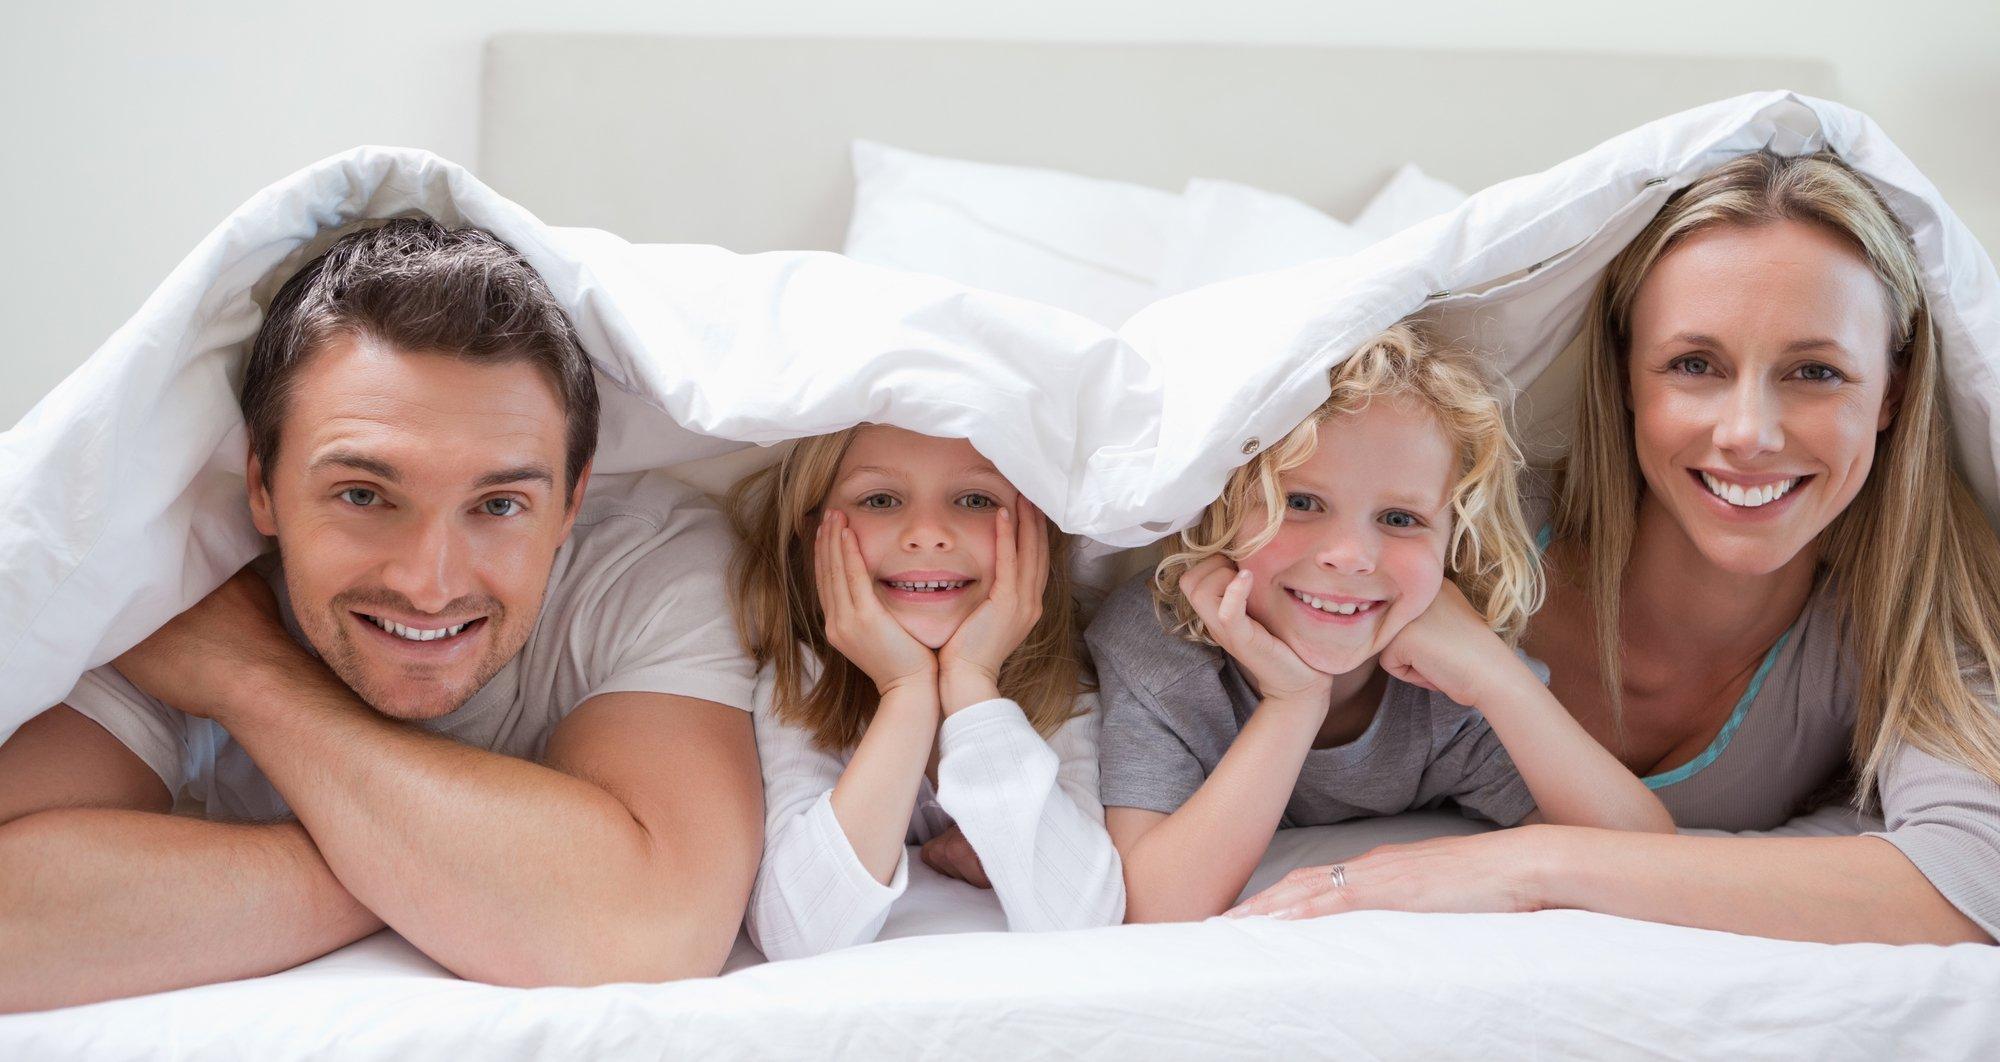 depositphotos 11211723 l 2015.jpg?resize=412,232 - Ce lit de taille gigantesque est parfait pour accueillir toute la famille... ou une équipe de foot!